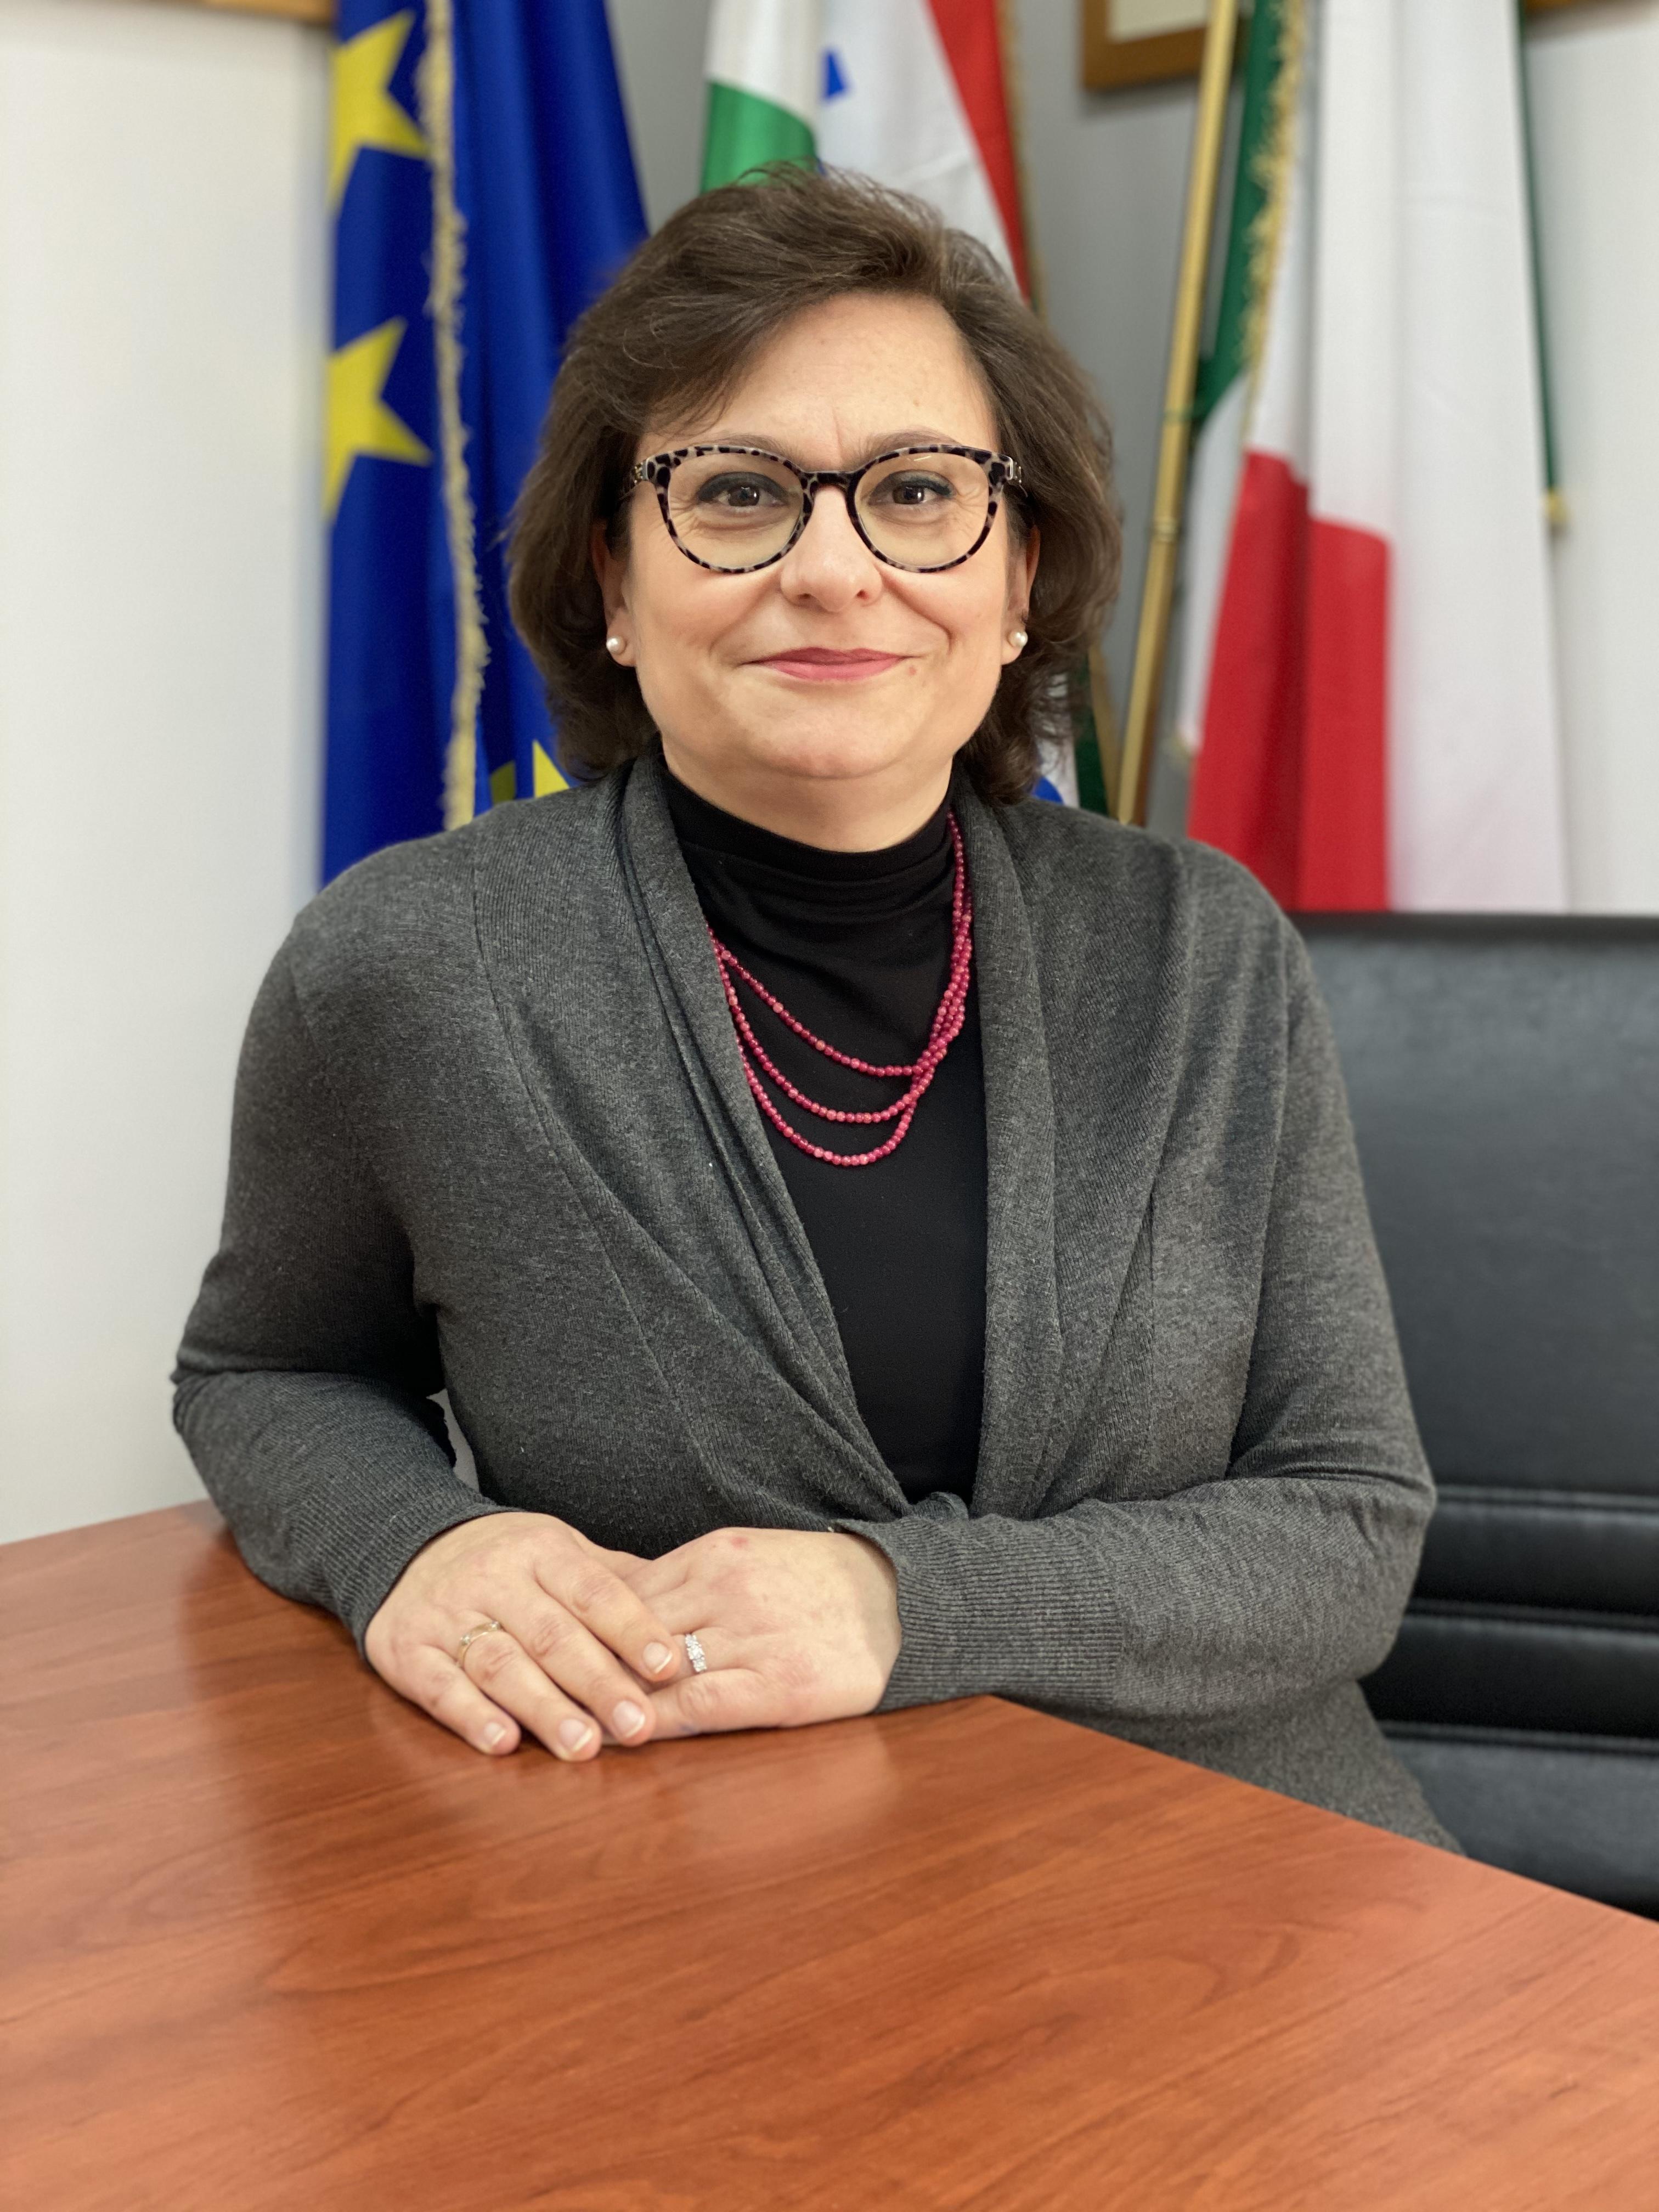 Monica Biagiotti